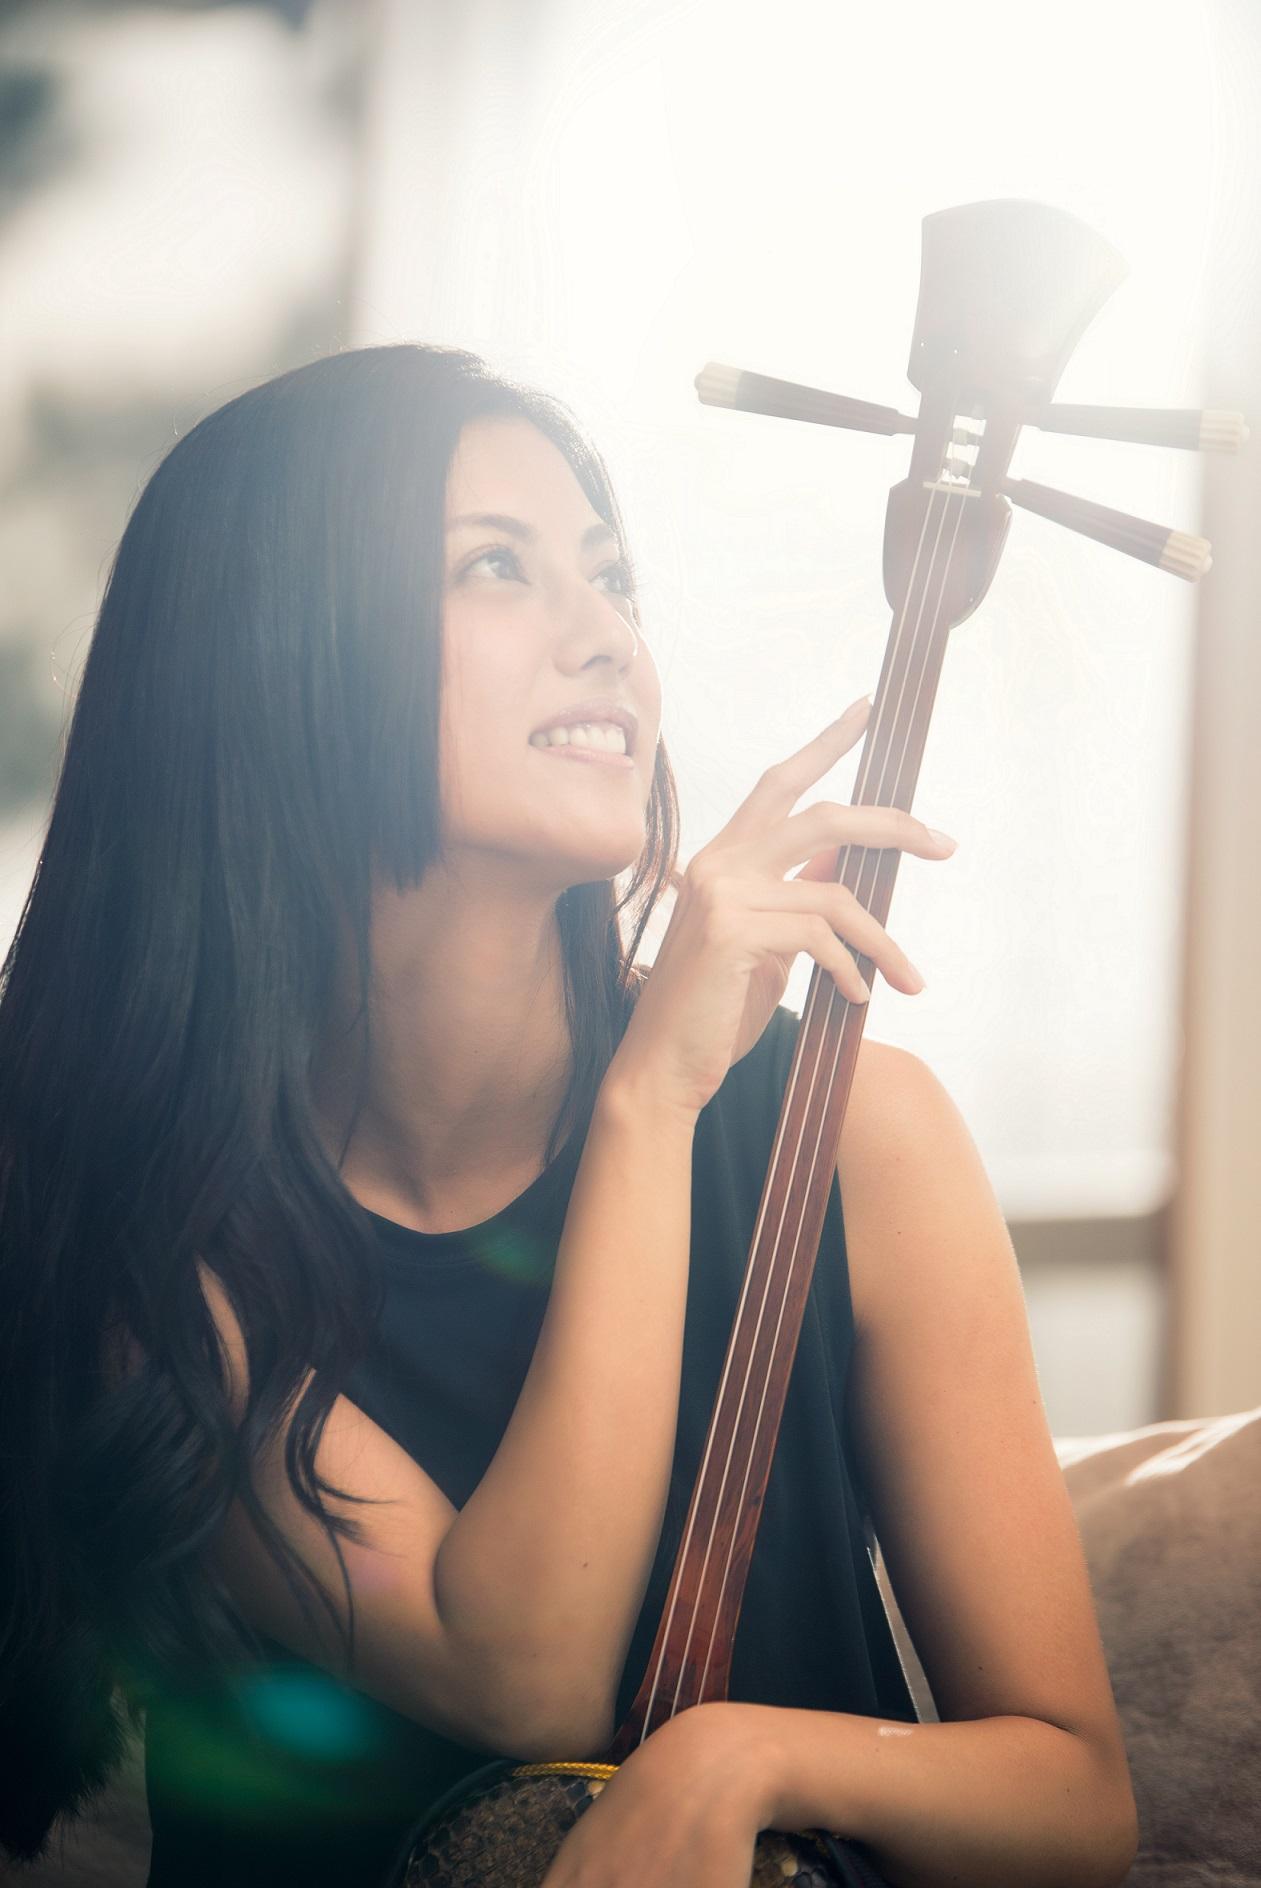 【音楽】沖縄出身シンガー・上間綾乃 約2年ぶりとなる4thアルバム「魂うた」(まぶいうた)リリース決